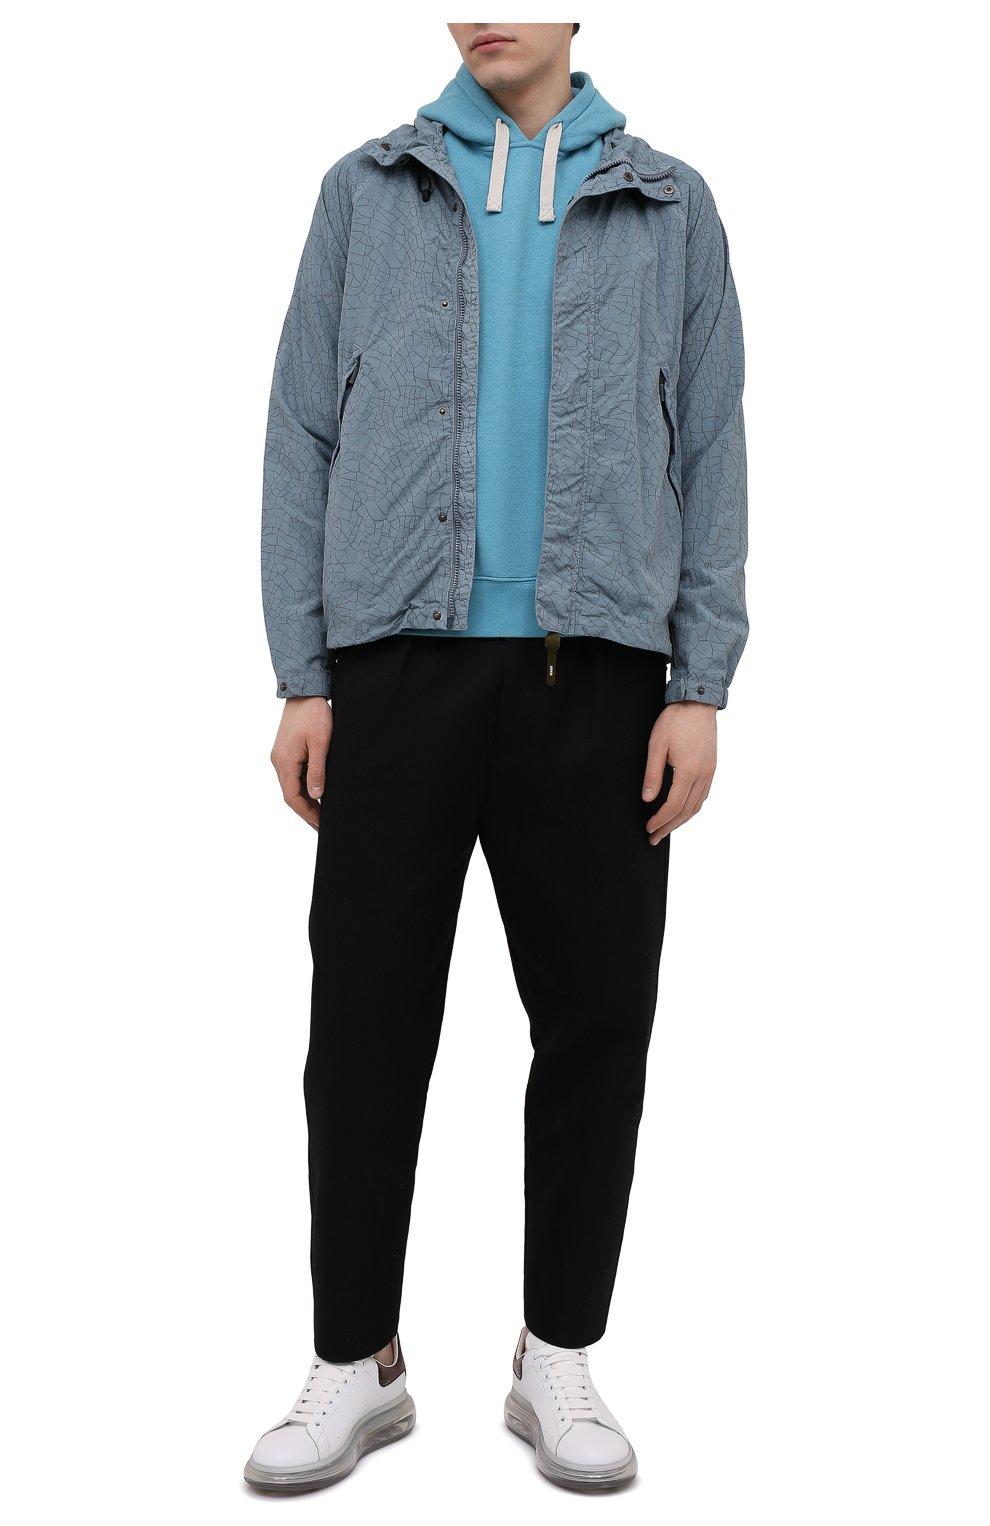 Мужской хлопковое худи ASPESI светло-голубого цвета, арт. S1 A AY39 G458 | Фото 2 (Рукава: Длинные; Принт: Без принта; Длина (для топов): Стандартные; Мужское Кросс-КТ: Худи-одежда; Материал внешний: Хлопок; Стили: Кэжуэл)